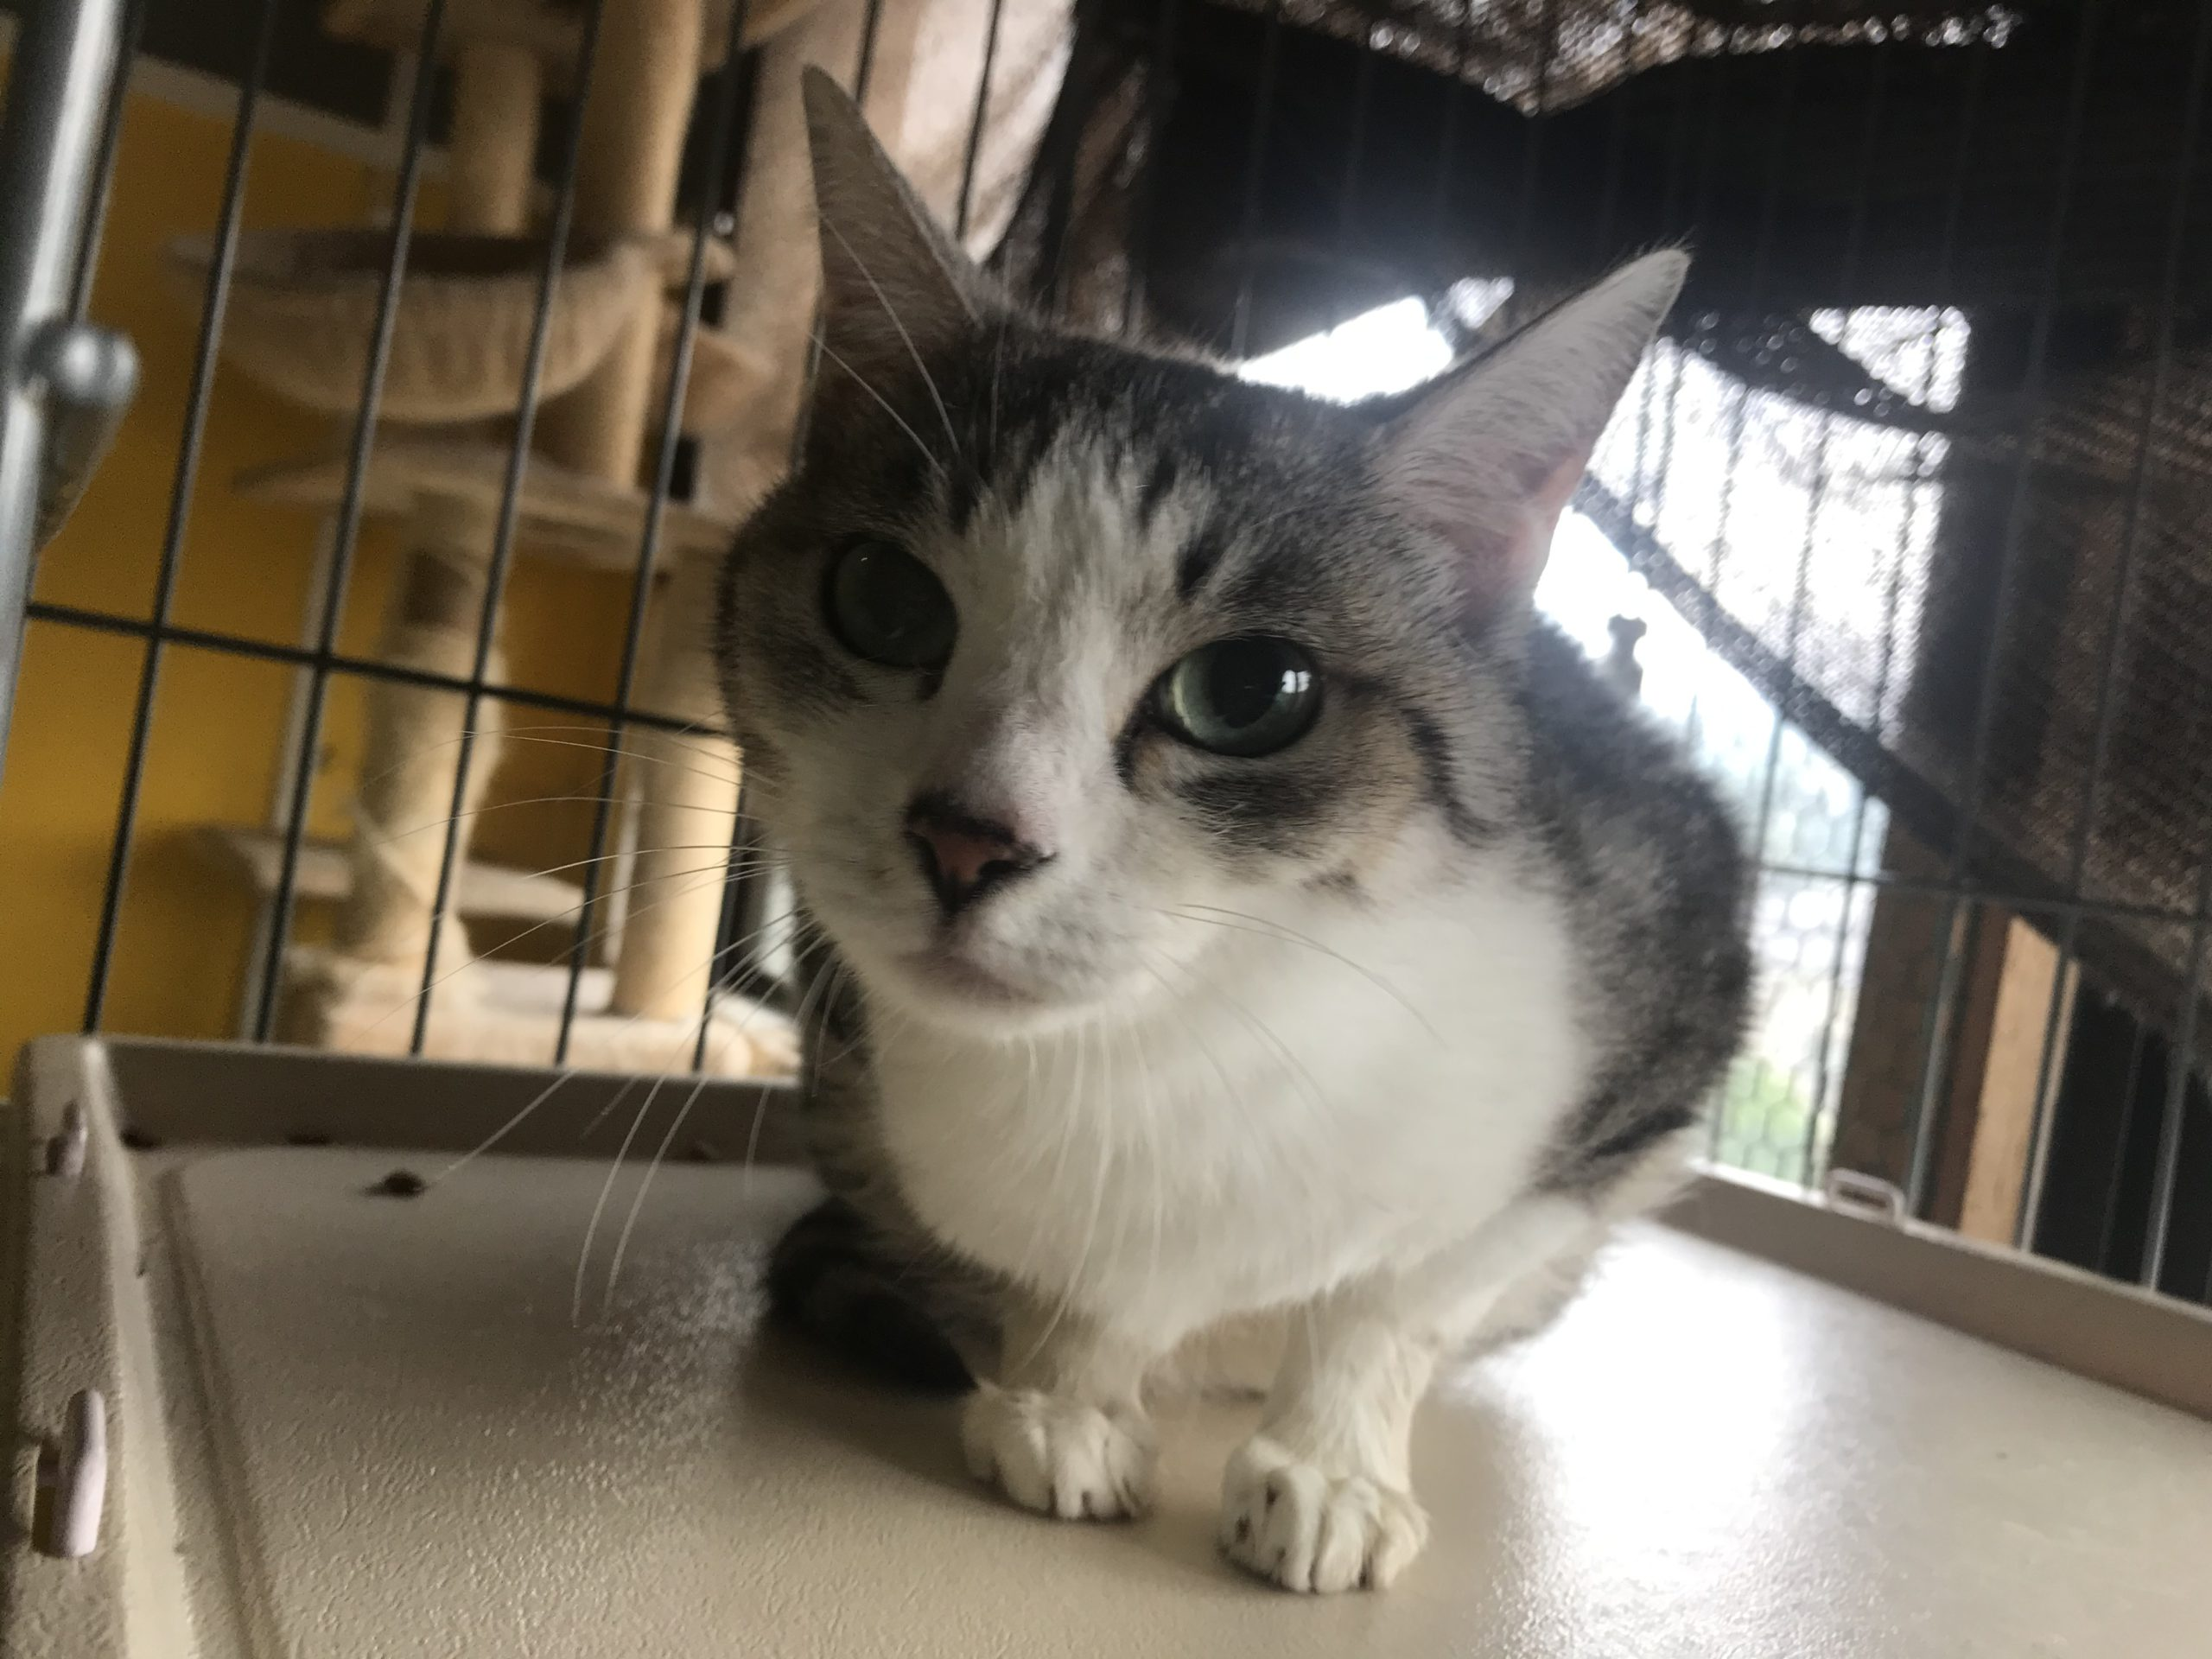 <p></p> <ul> <li>猫種:日本猫 キジ白</li> <li>性別:女の子</li> <li>名前:ミルク</li> <li>年齢:2011年4月</li> <li>保護経緯:飼い主様が引っ越しのため飼育困難になりました</li> </ul>